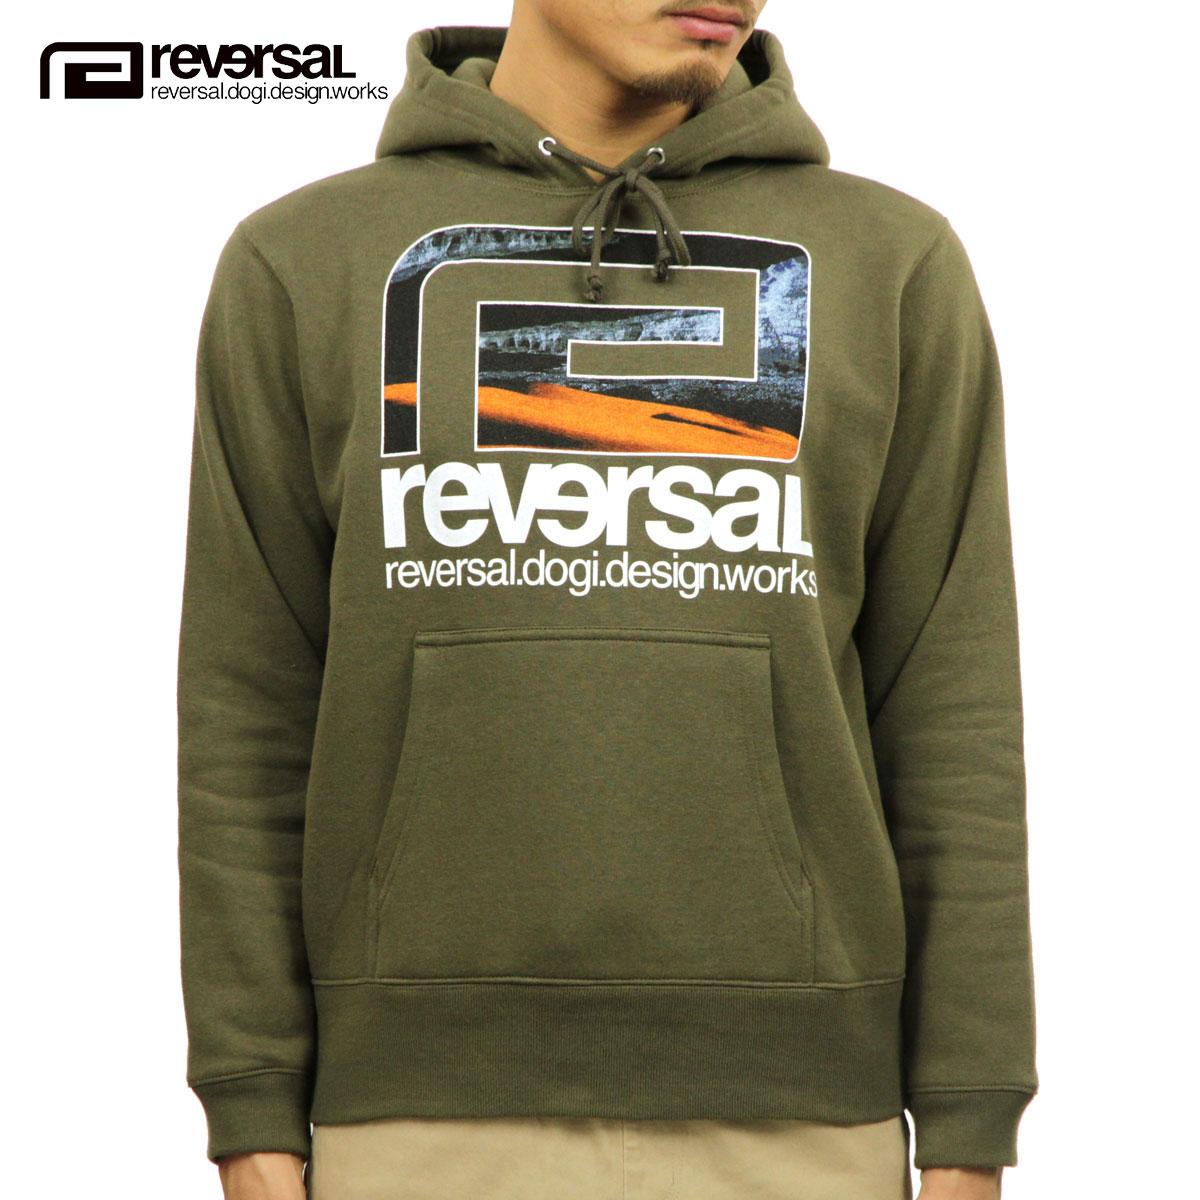 リバーサル REVERSAL 正規販売店 メンズ プルオーバーパーカー PANGEA SWEAT PARKA rv18aw014 OLIVE